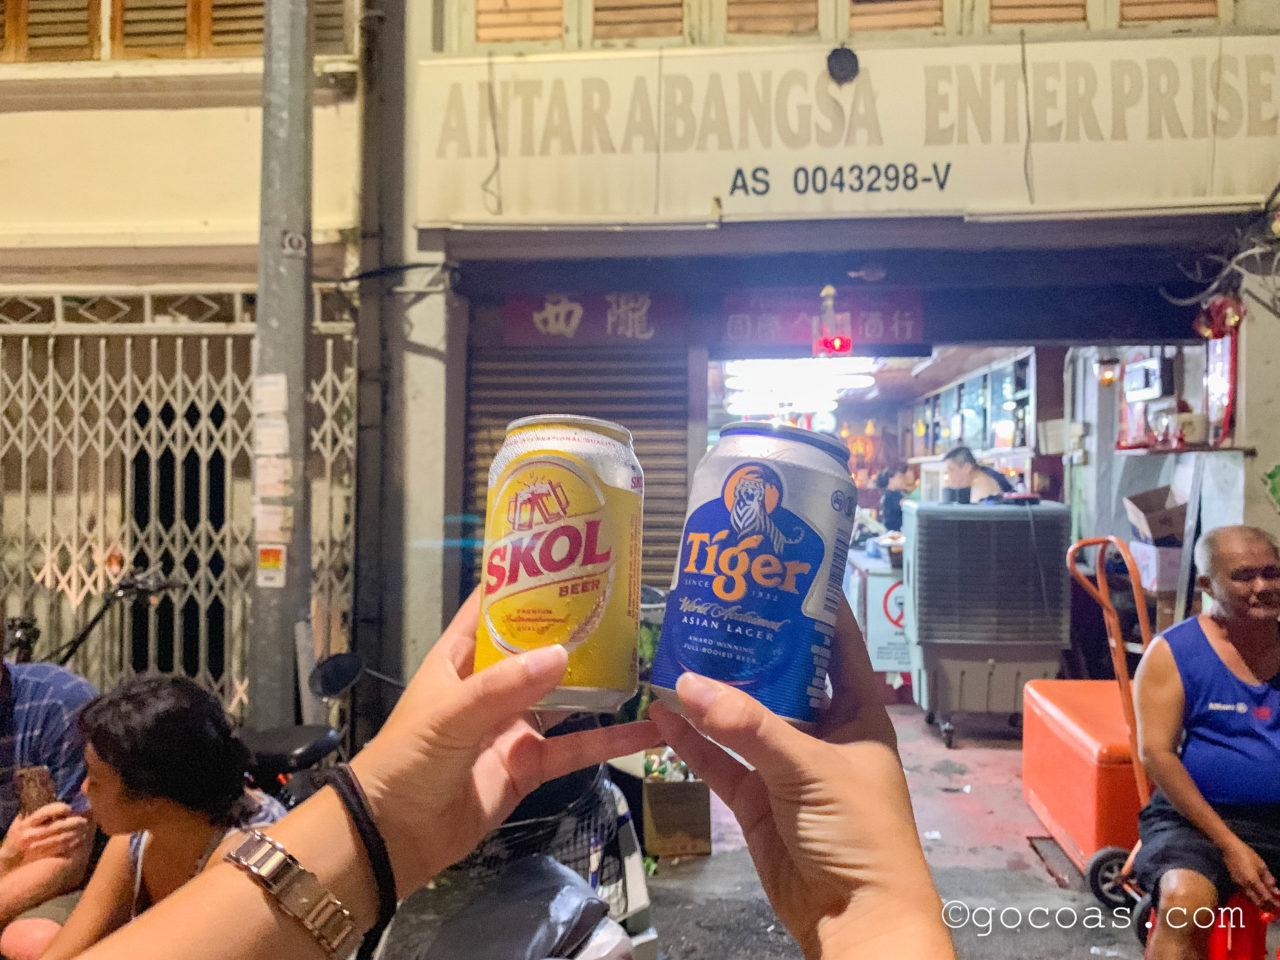 ペナン島の夜の街中にあった酒屋と買ったビール